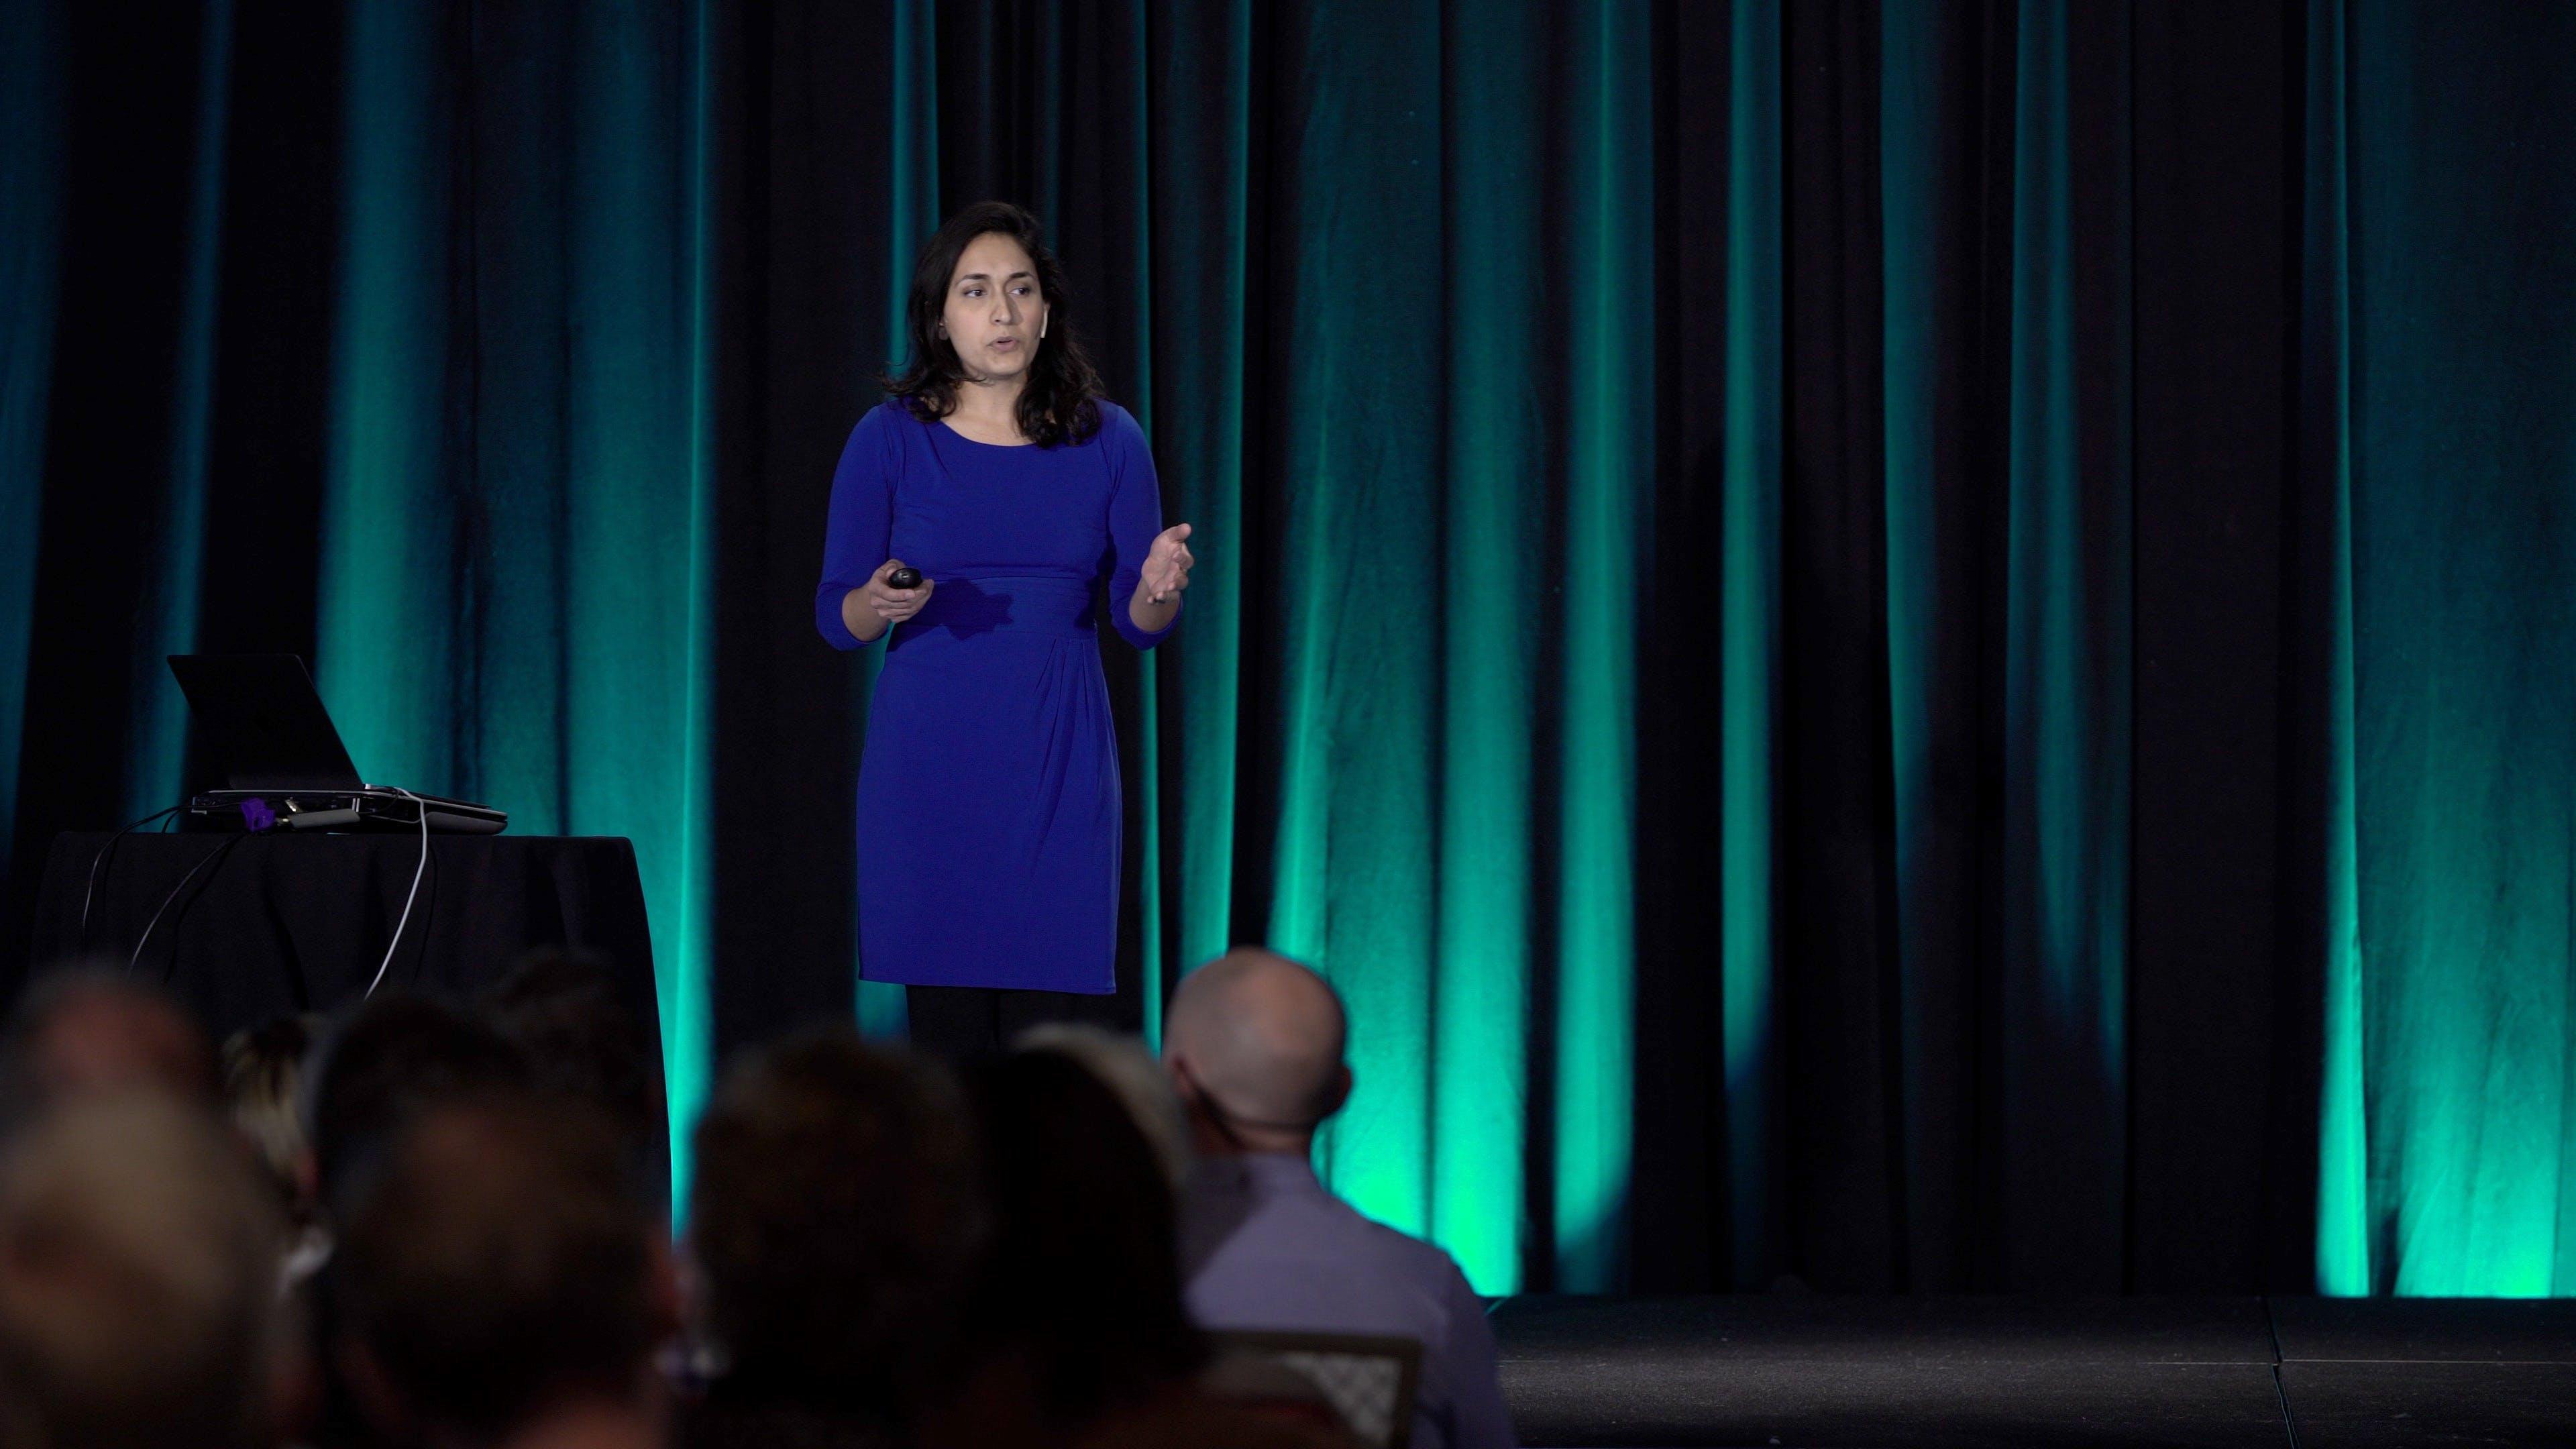 l'insulino-résistance et sexuelle Santé-Dr Priyanka Wali